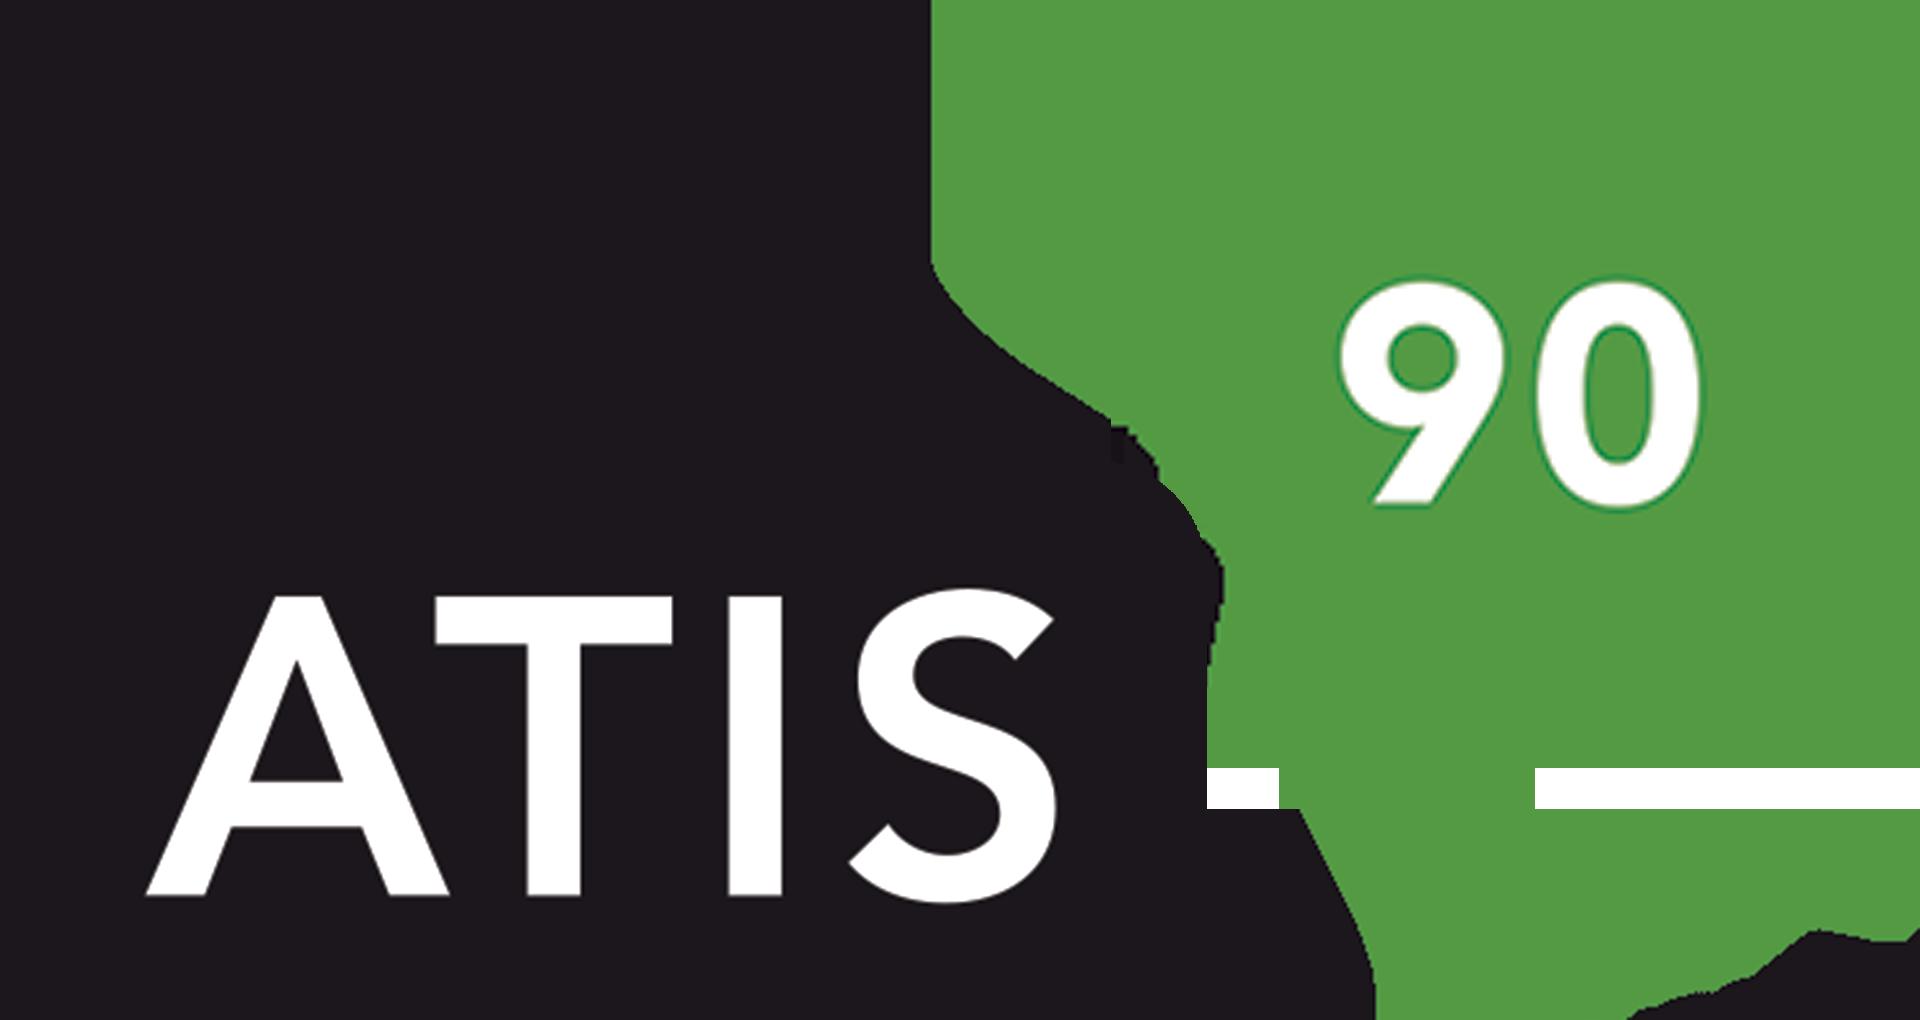 Atis 90 Logo